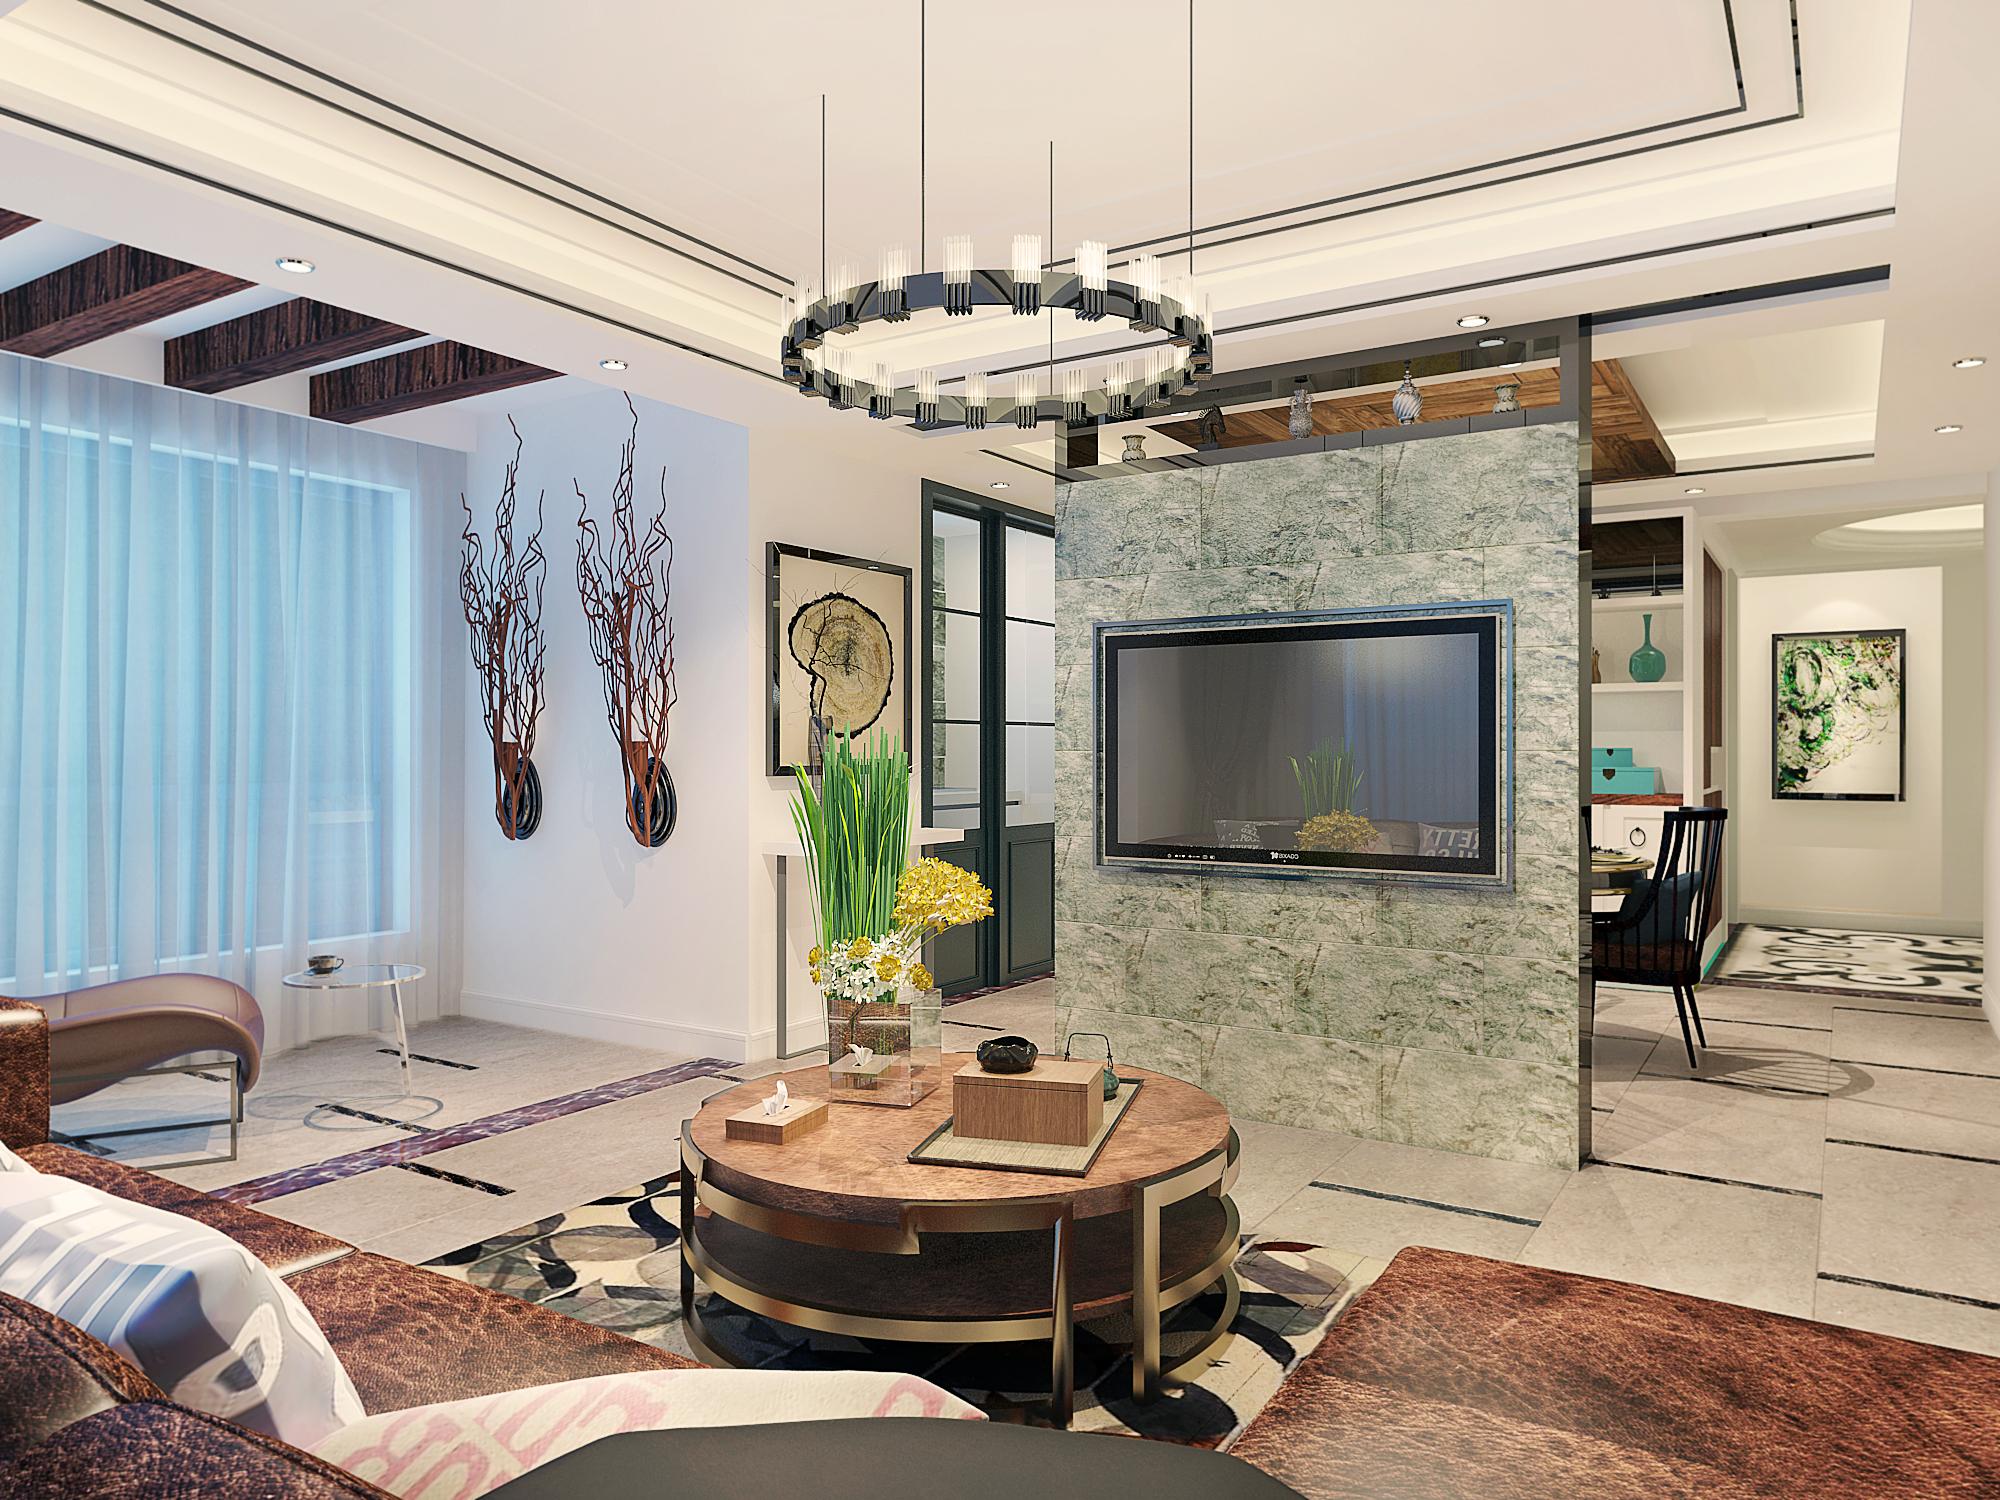 轻美式 三居 K2玉澜湾 客厅图片来自林上淮·圣奇凯尚装饰在k2玉澜湾•轻美式的分享